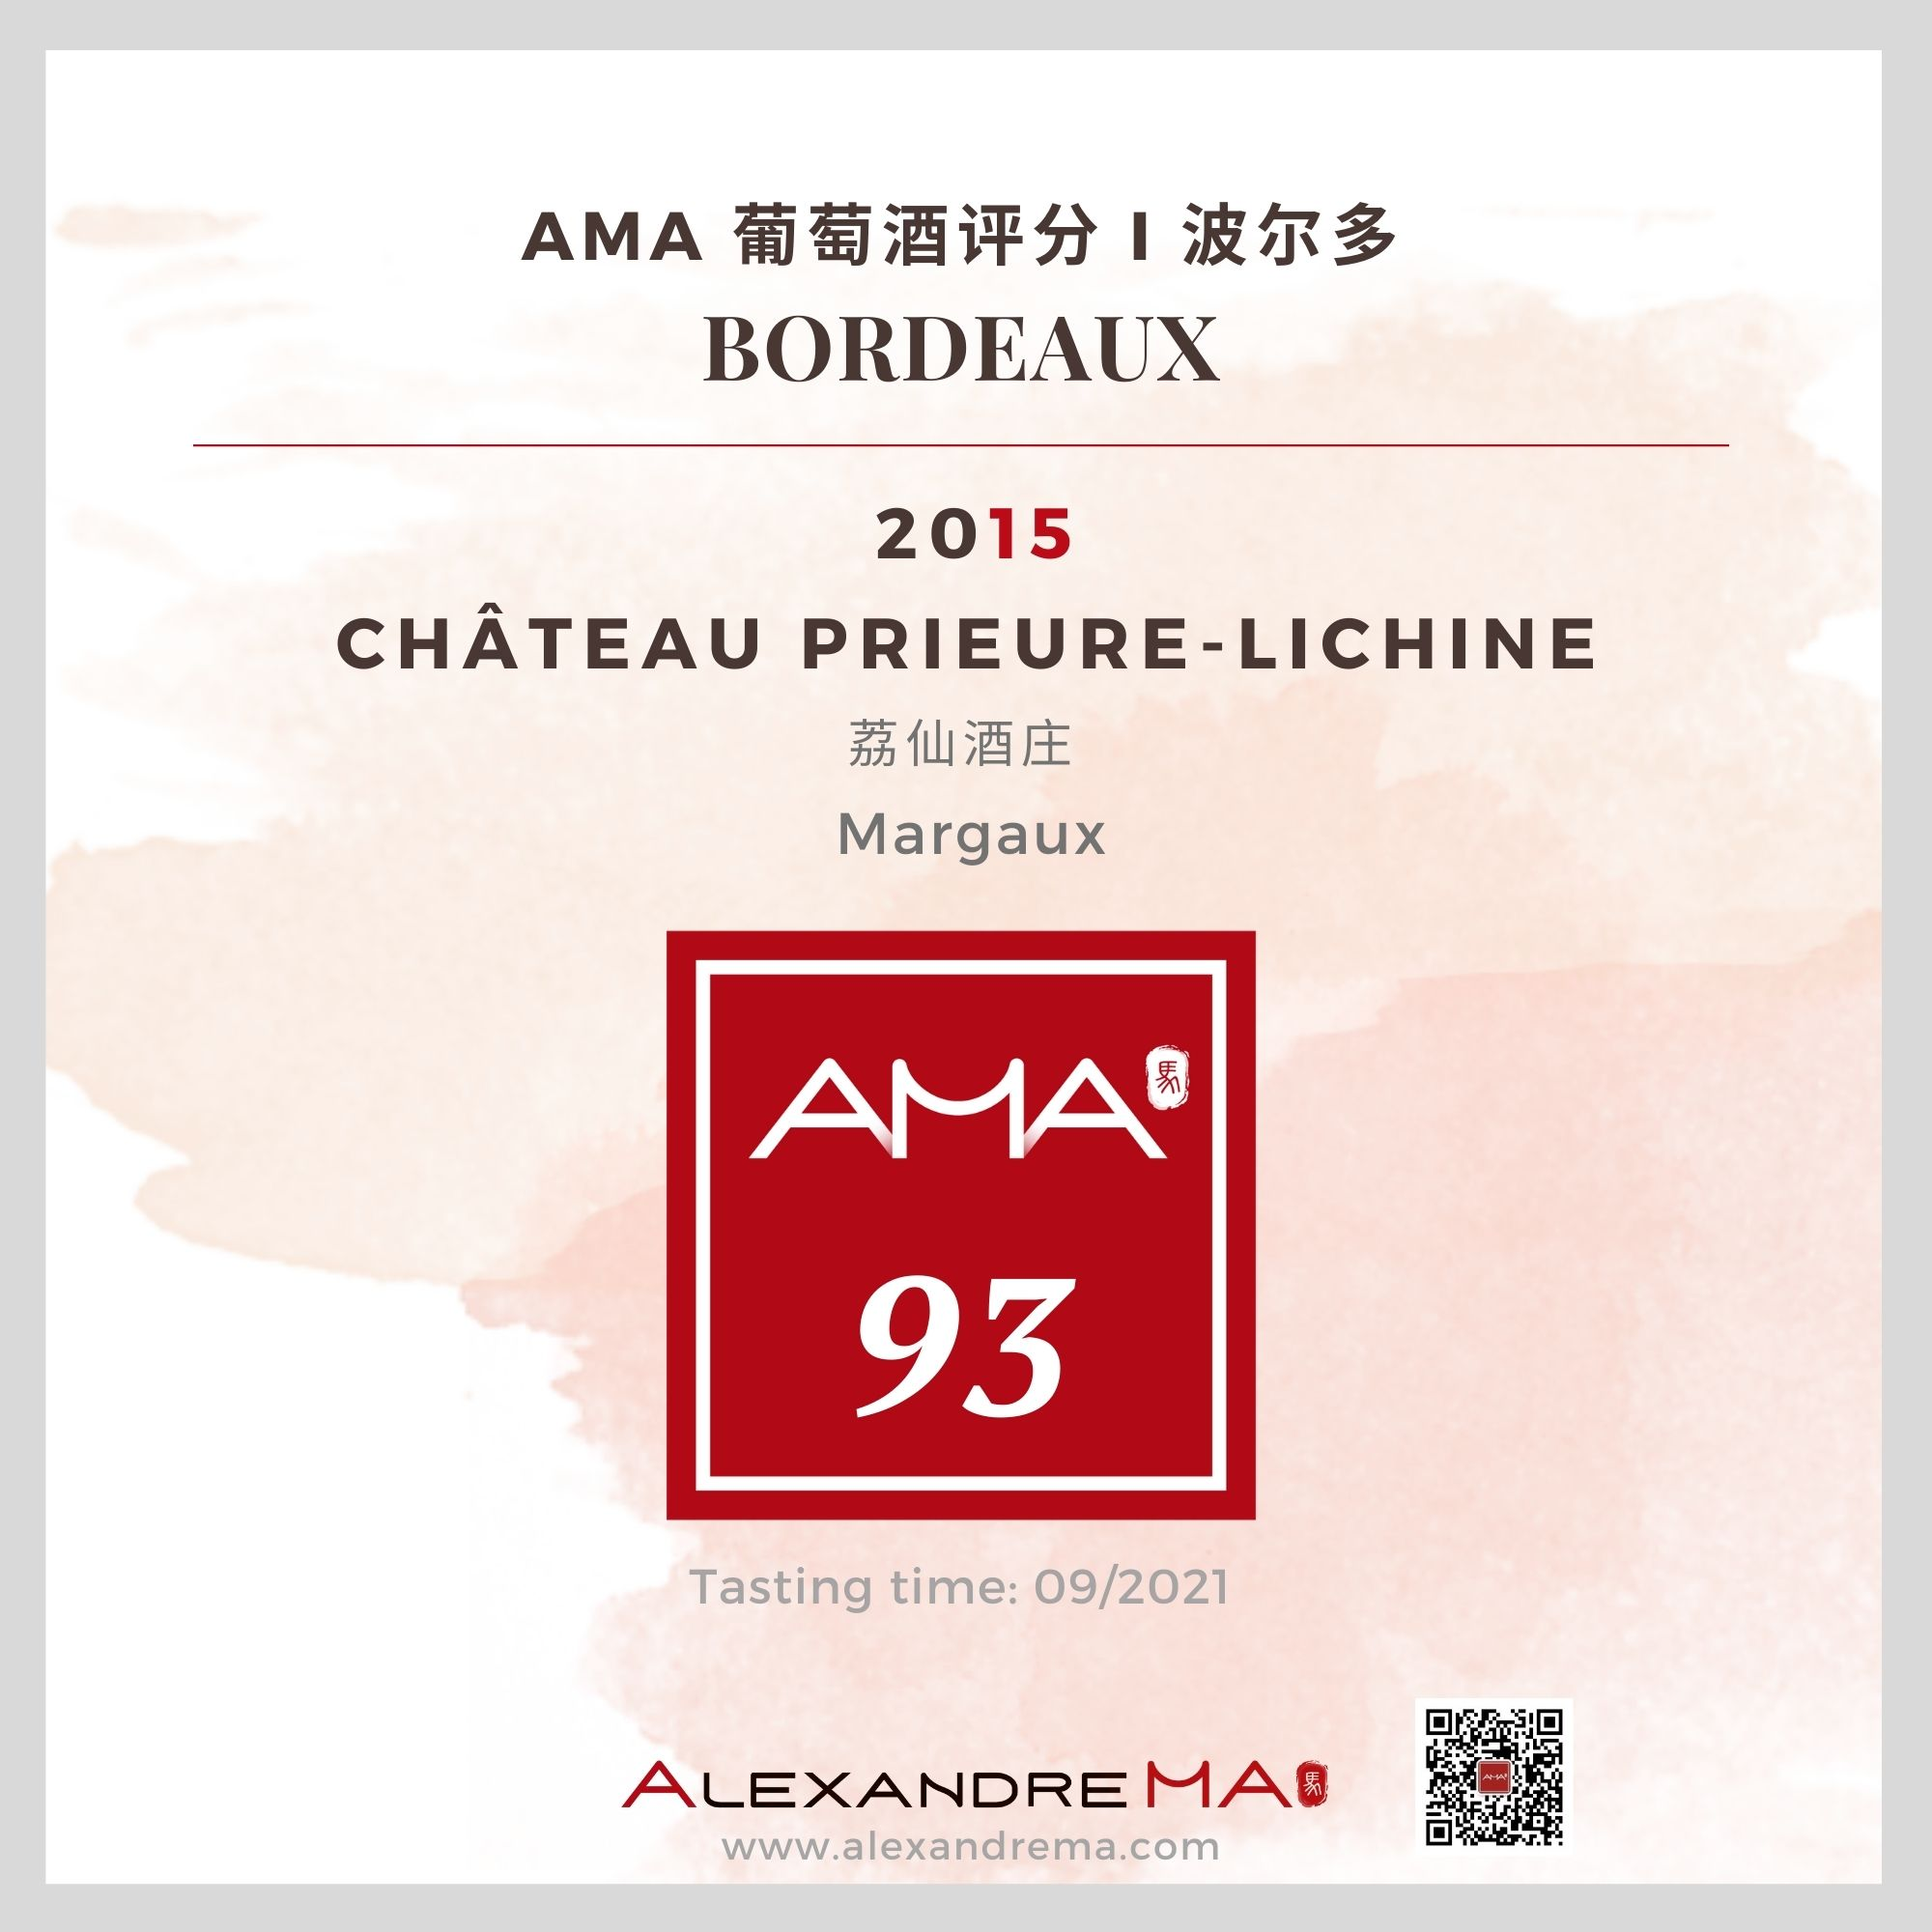 Château Prieuré-Lichine 2015 荔仙酒庄 - Alexandre Ma